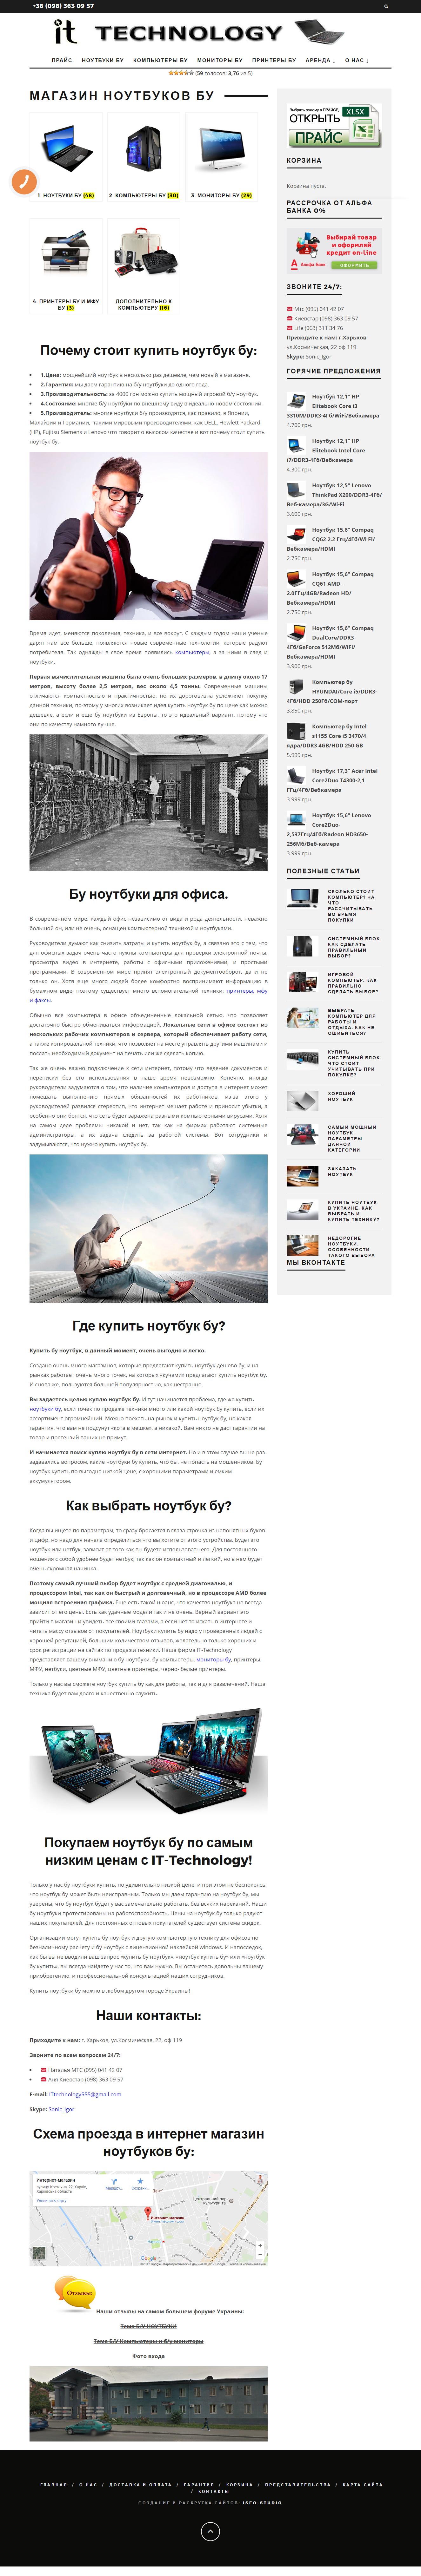 Создание интернет-магазина по продаже ноутбуков б/у